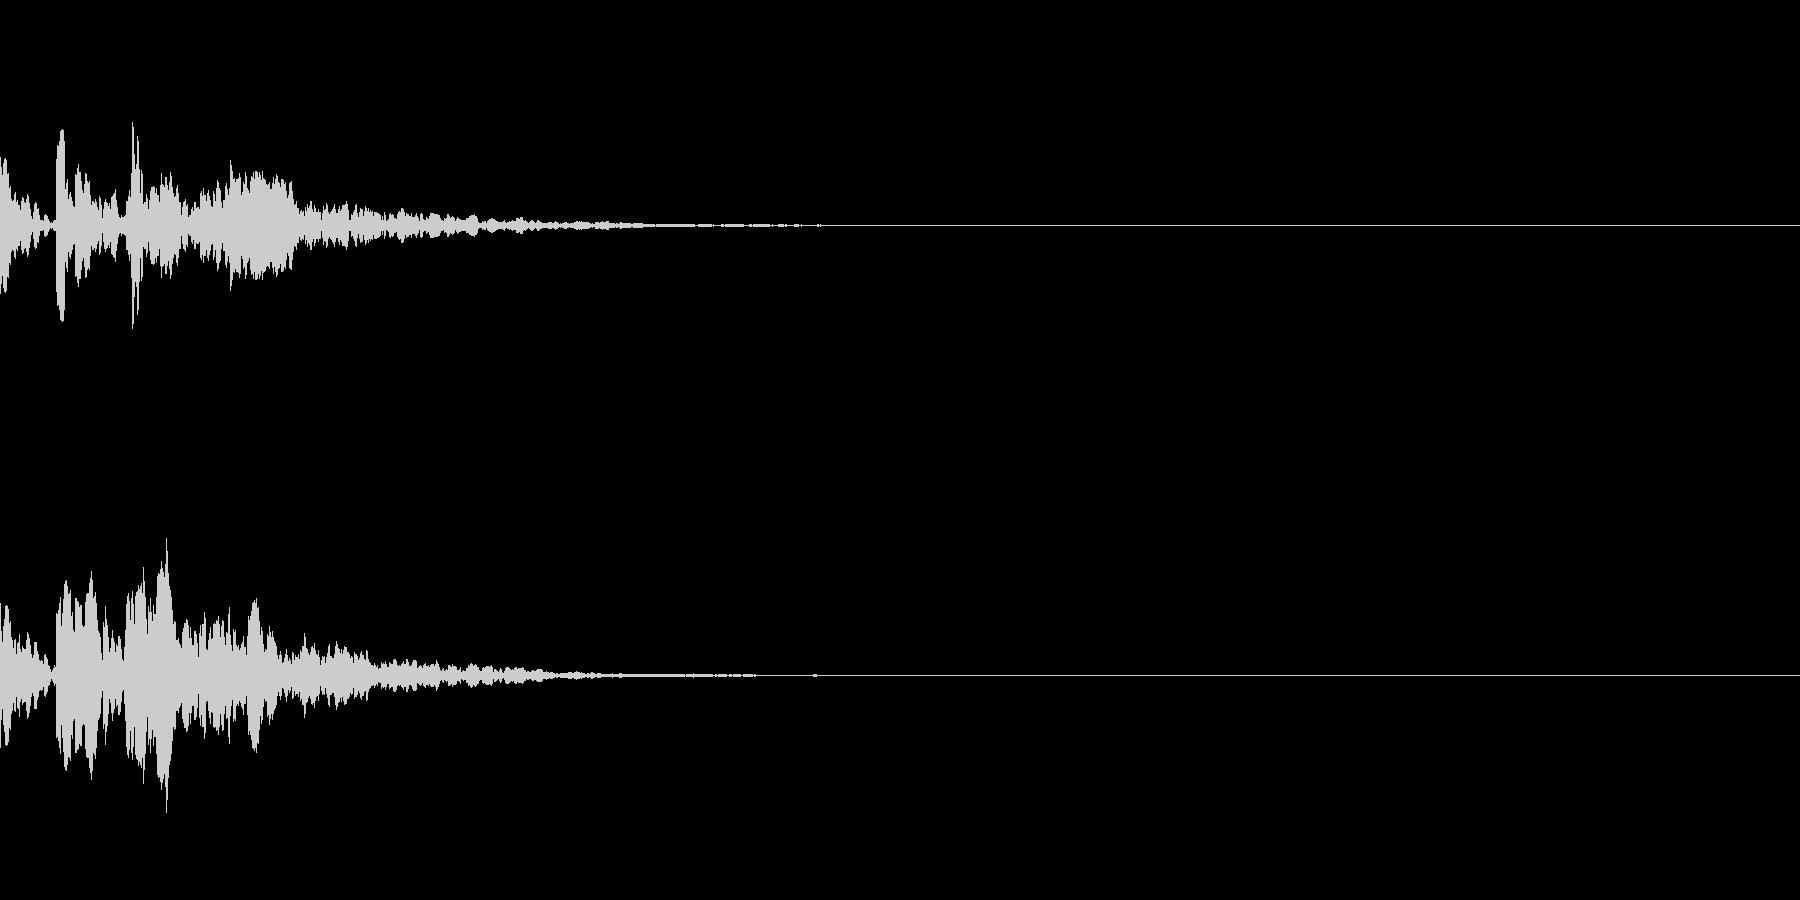 ピコーン!(起動、ひらめき)の未再生の波形